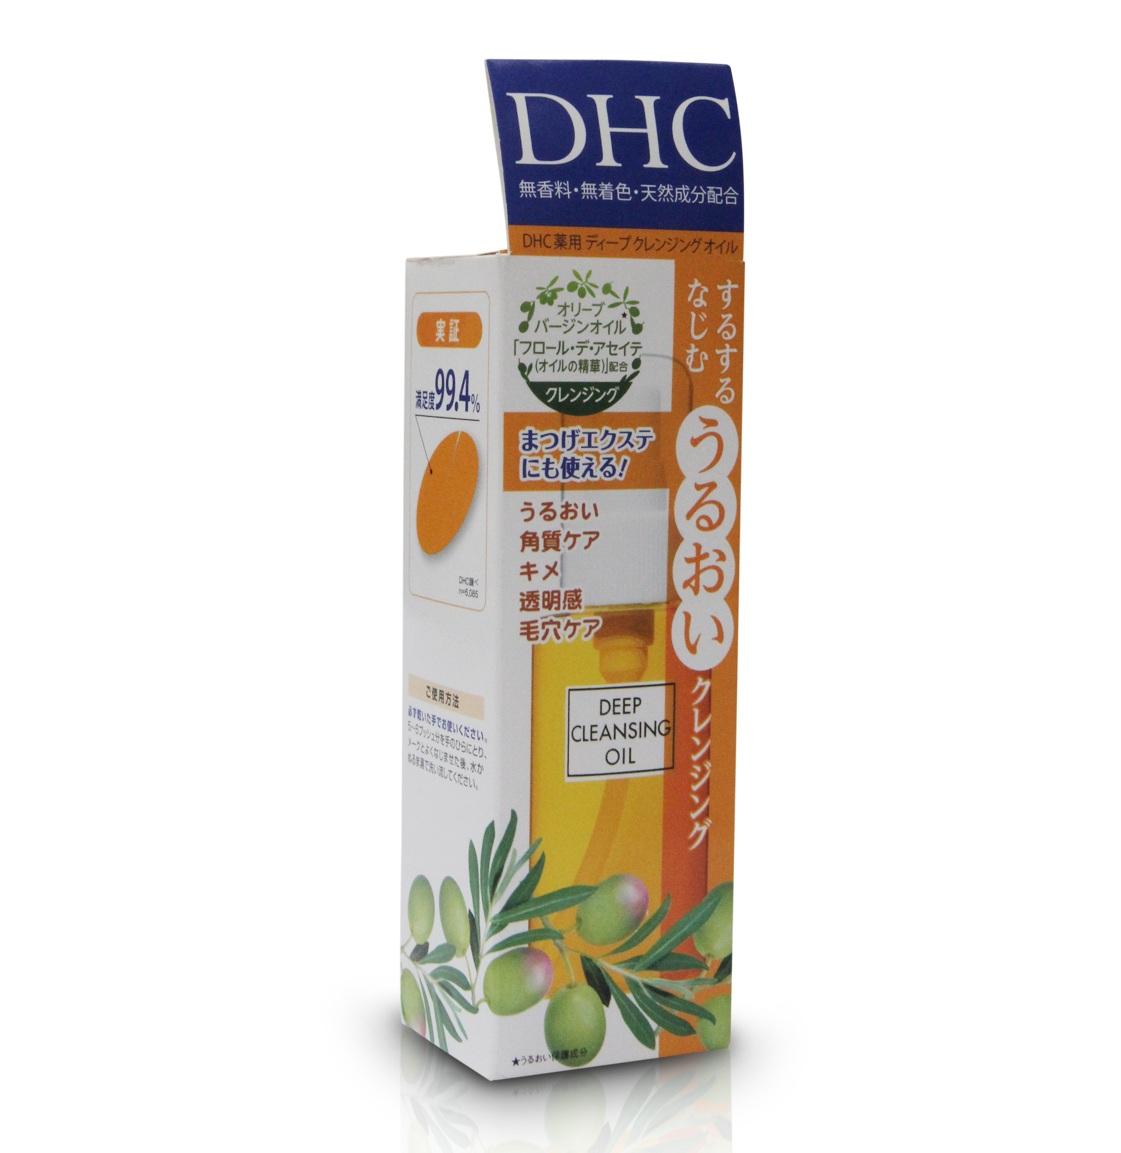 Dầu tẩy trang DHC Nhật Bản Deep Cleansing Oil 70ml